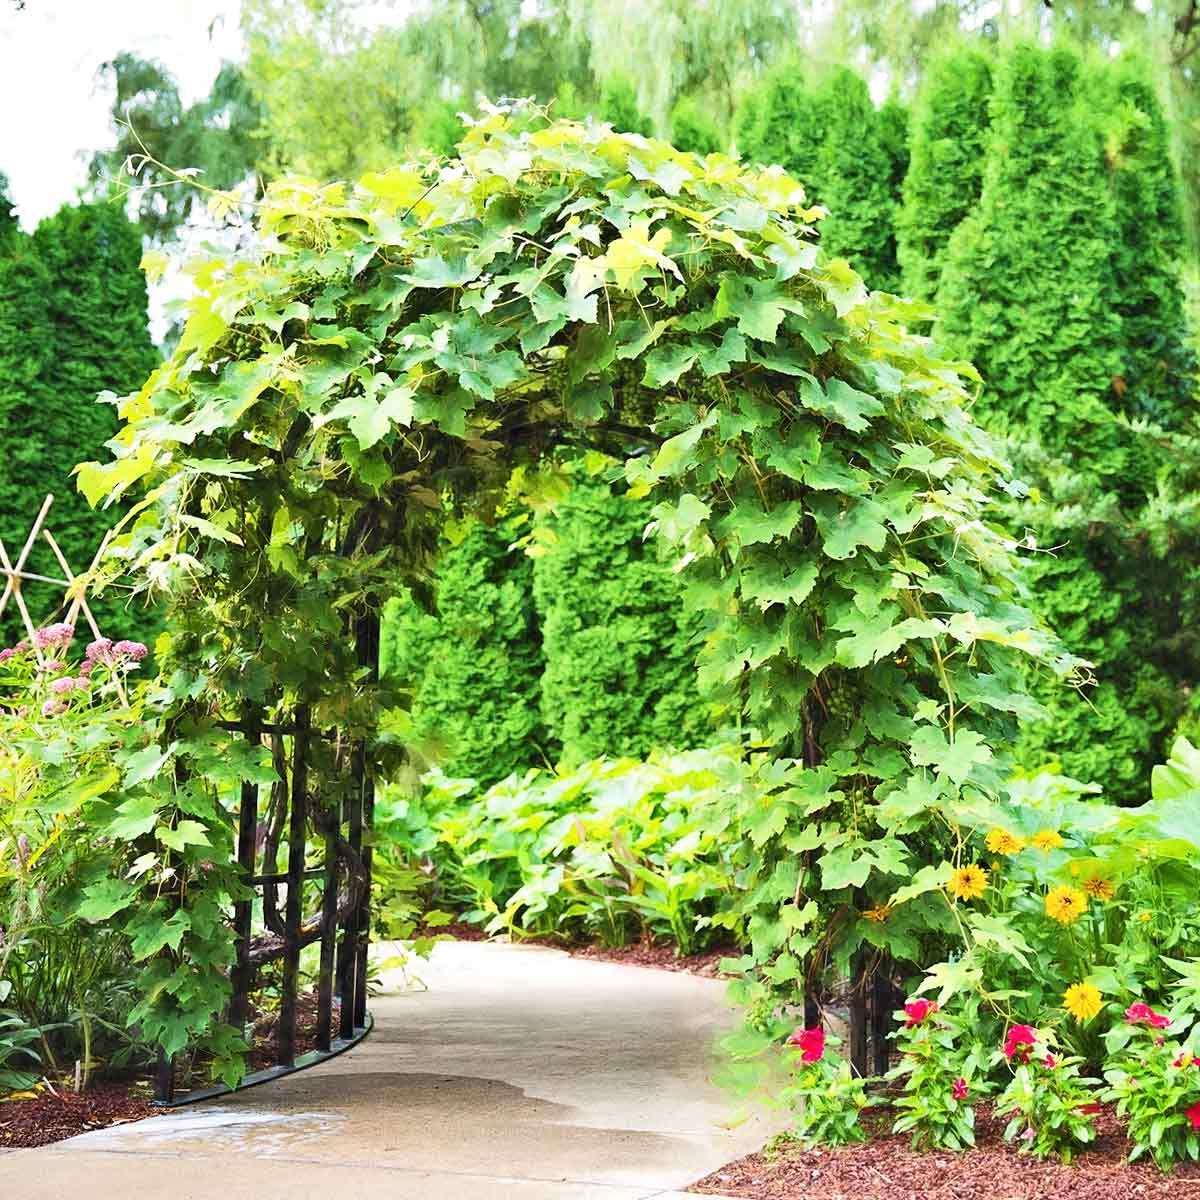 Pergola, Tonnelle Et Arche De Jardin | Jardins-Animes tout Arche De Jardin Fer Forgé